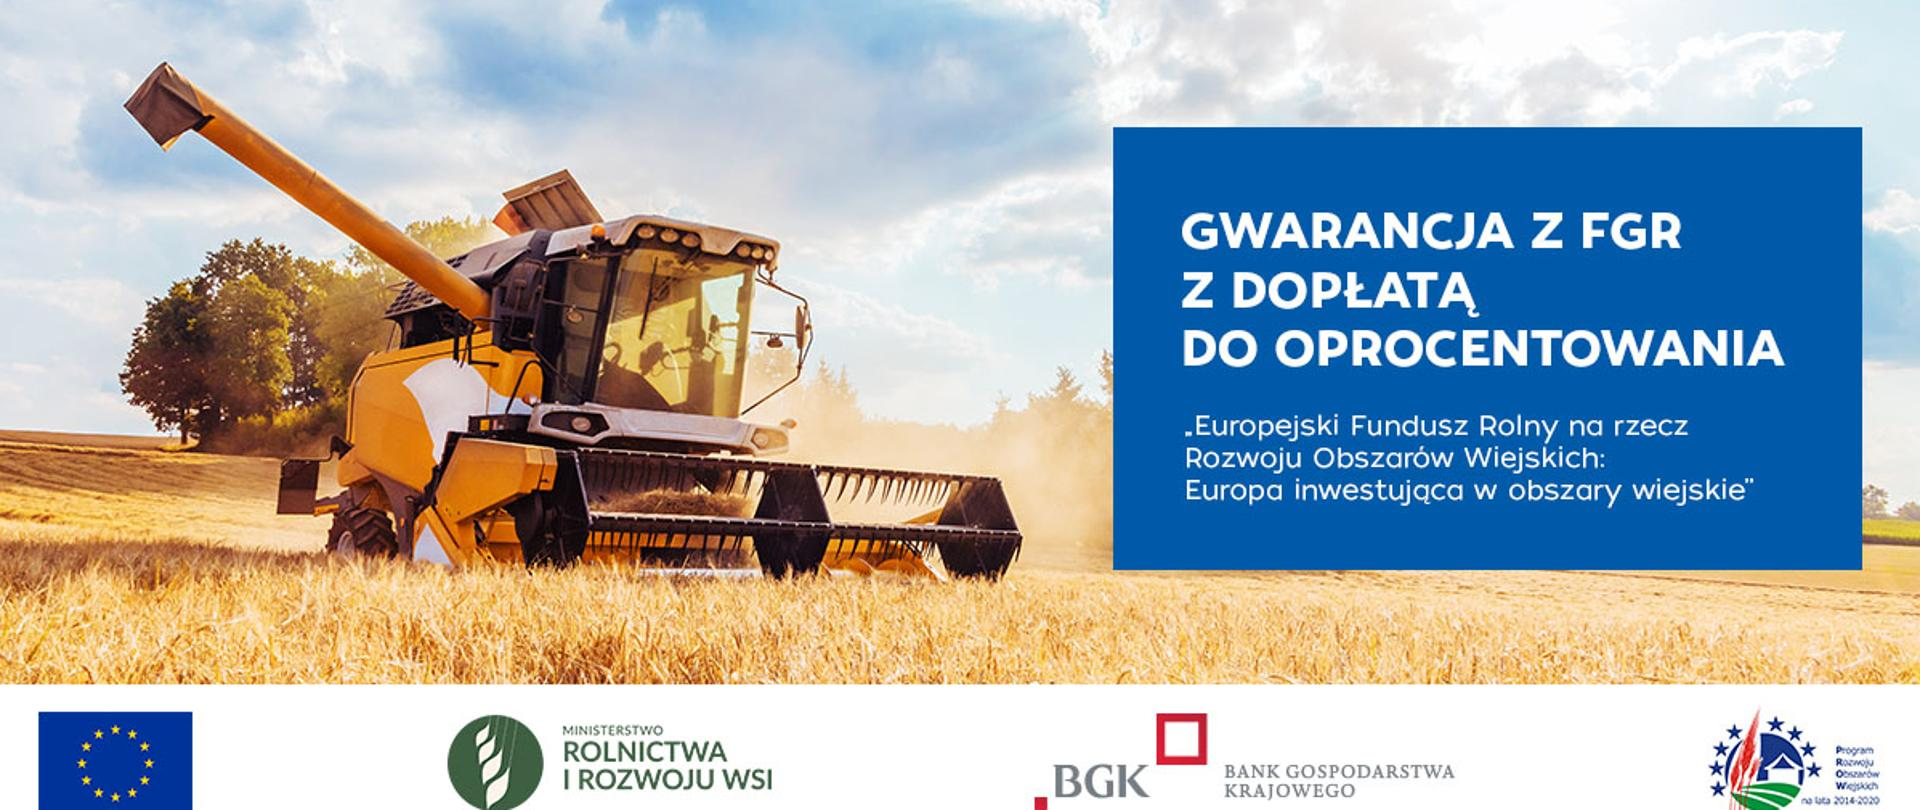 Gwarancja spłaty kredytu z Funduszu Gwarancji Rolnych wraz z dopłatą do  oprocentowania - Inspekcja Jakości Handlowej Artykułów Rolno-Spożywczych -  Portal Gov.pl